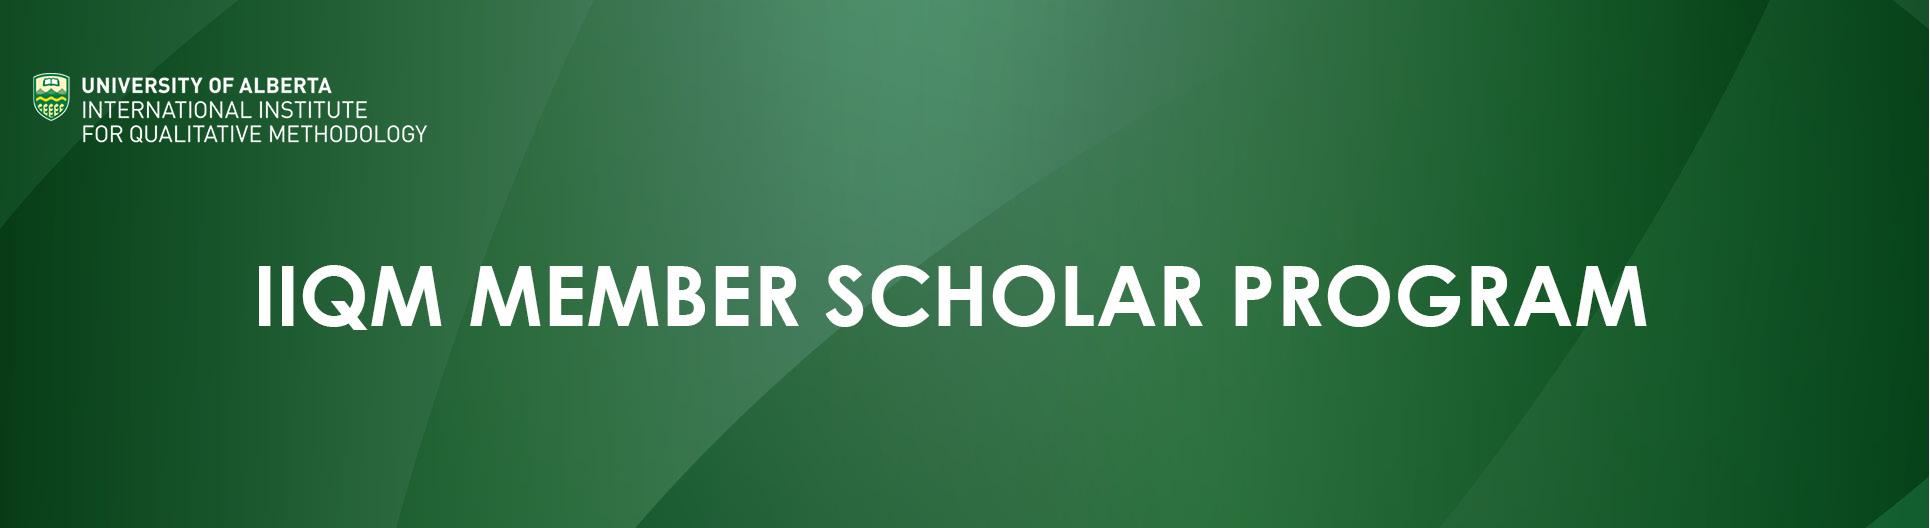 IIQM Member Scholar Program